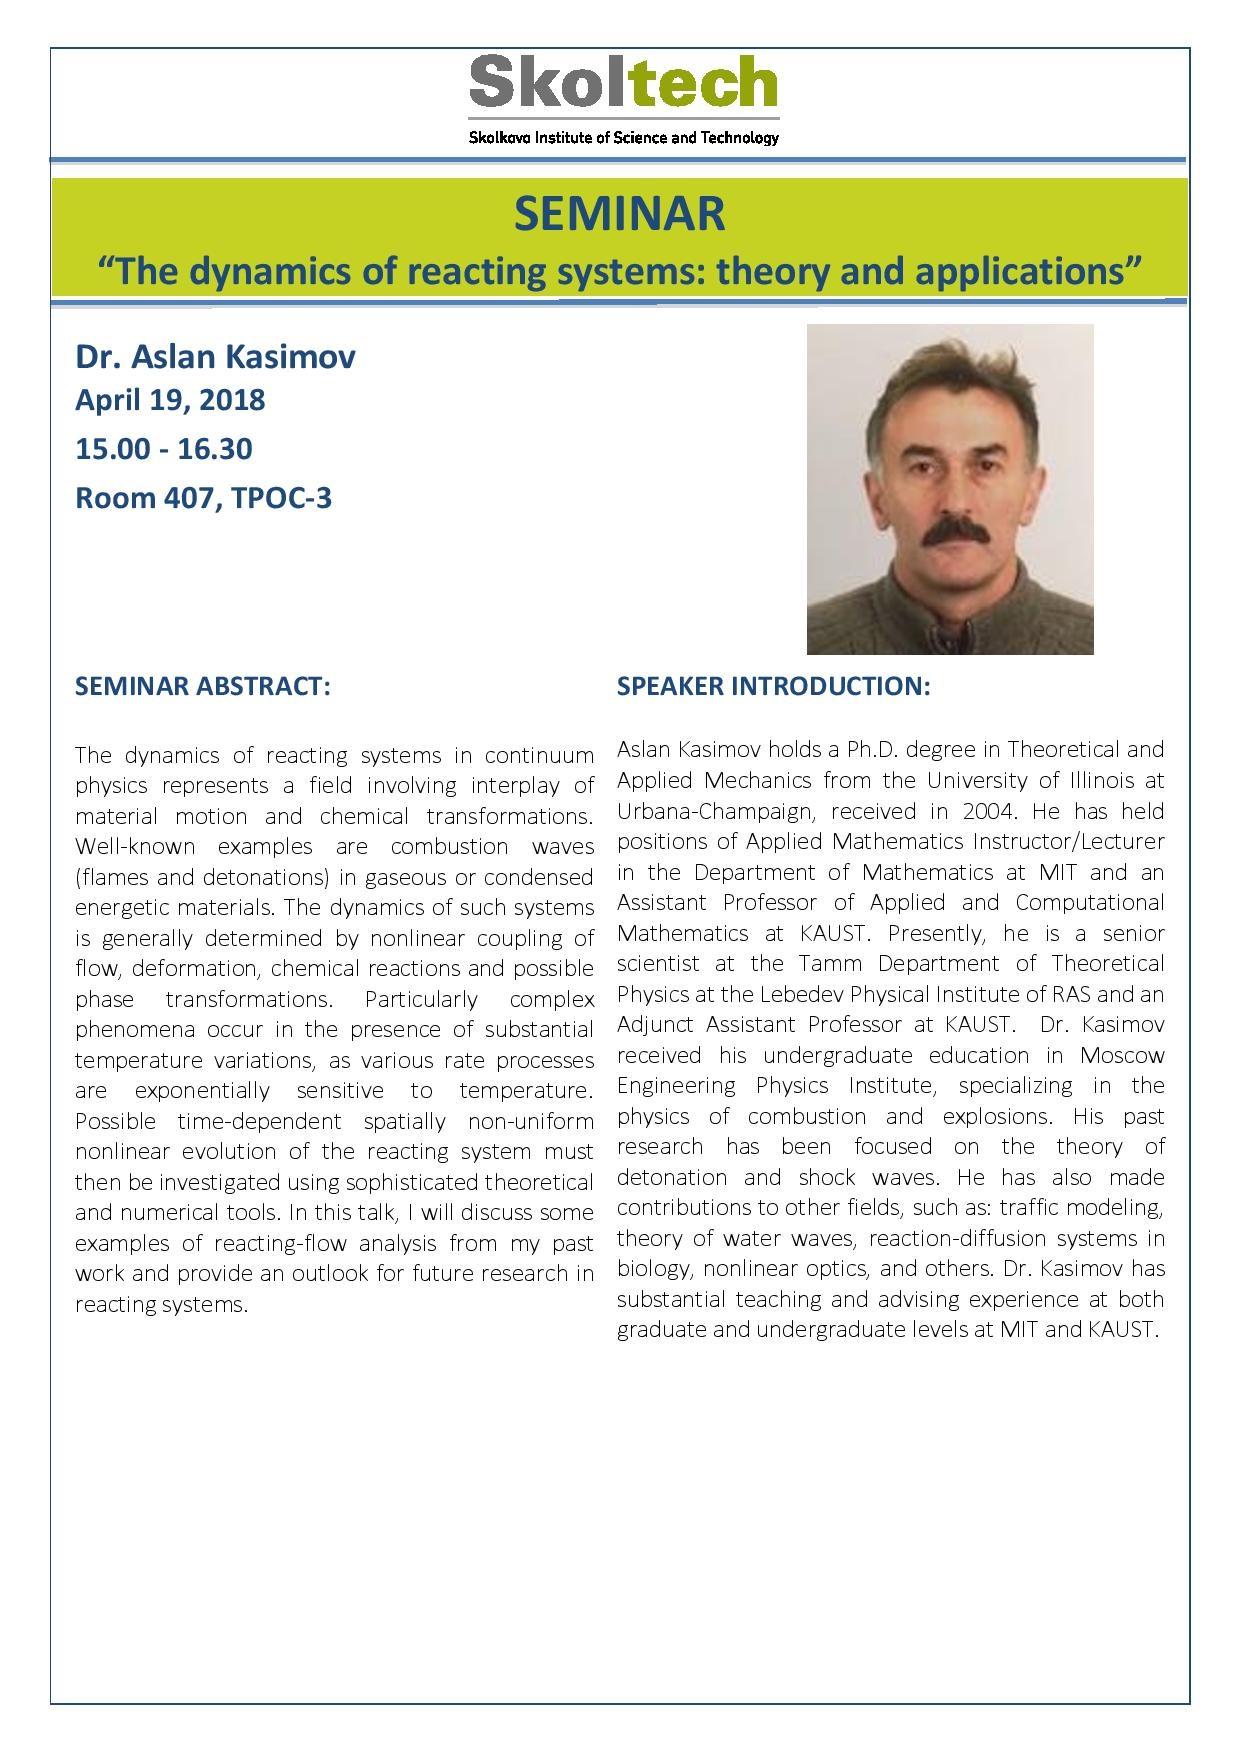 seminar-announcement_dr-kasimov-00000002-page-001